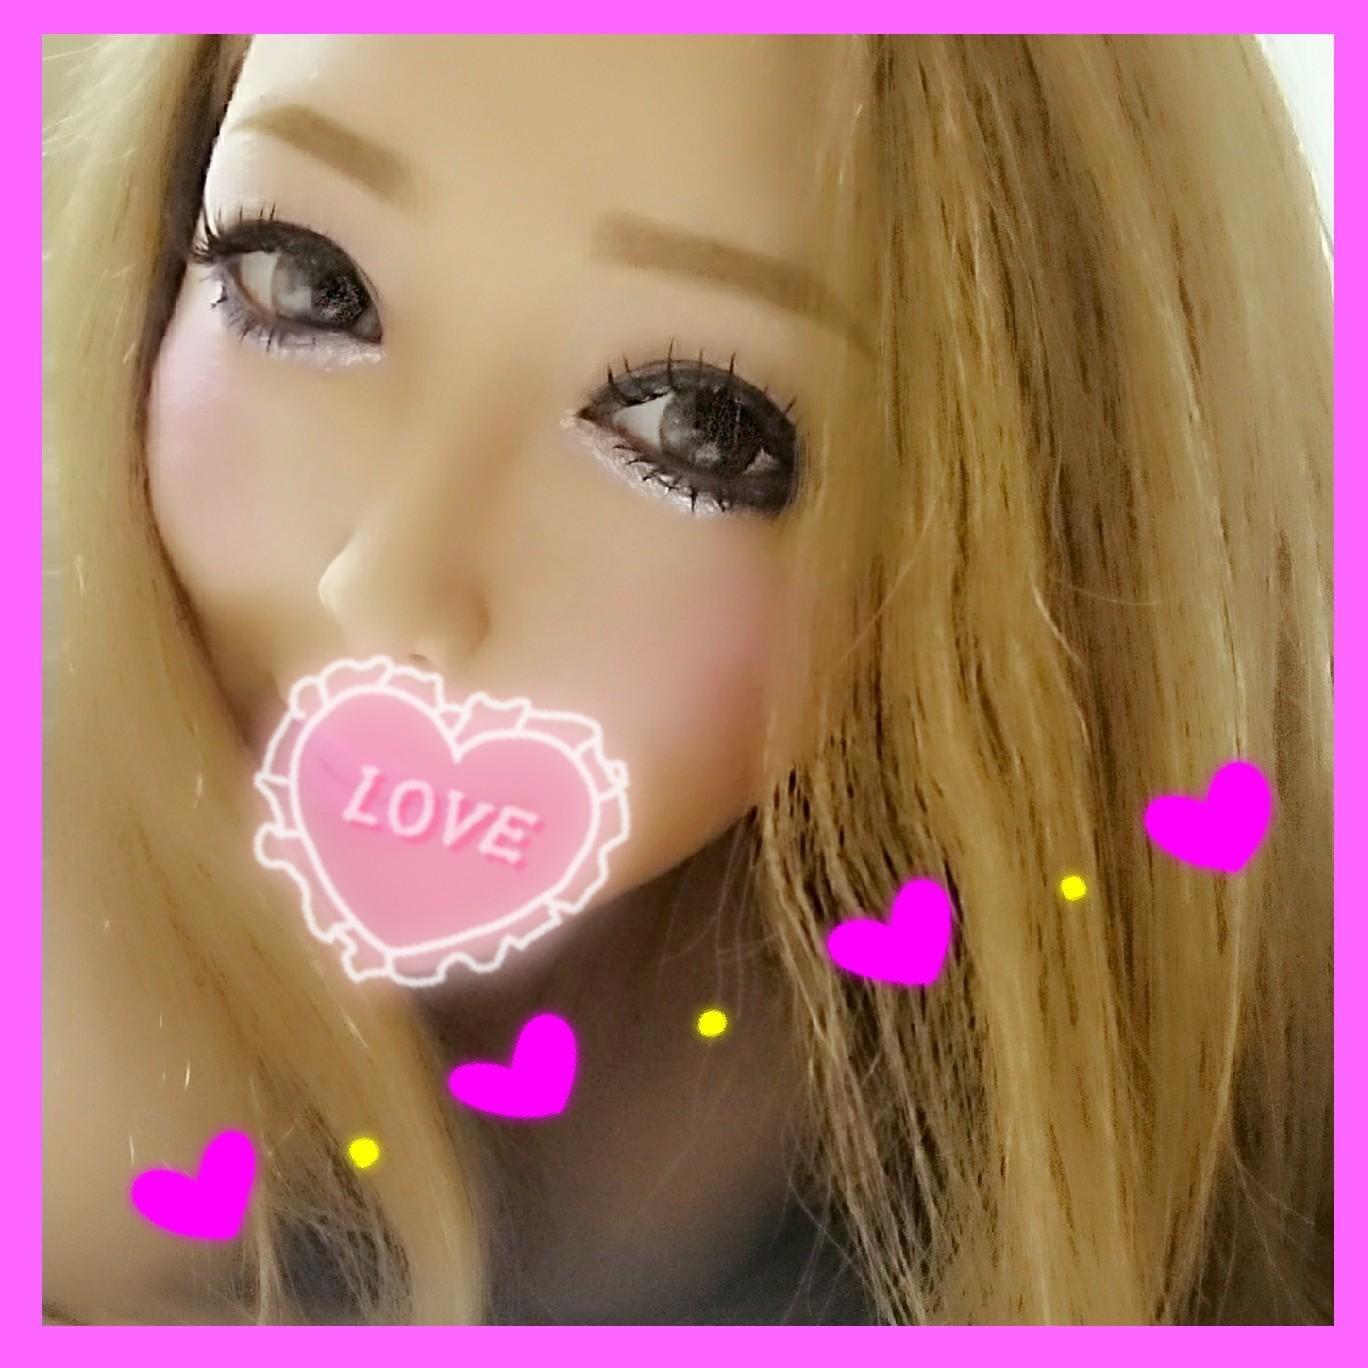 「完了ー♪♪」02/17(月) 08:10 | まりあの写メ・風俗動画